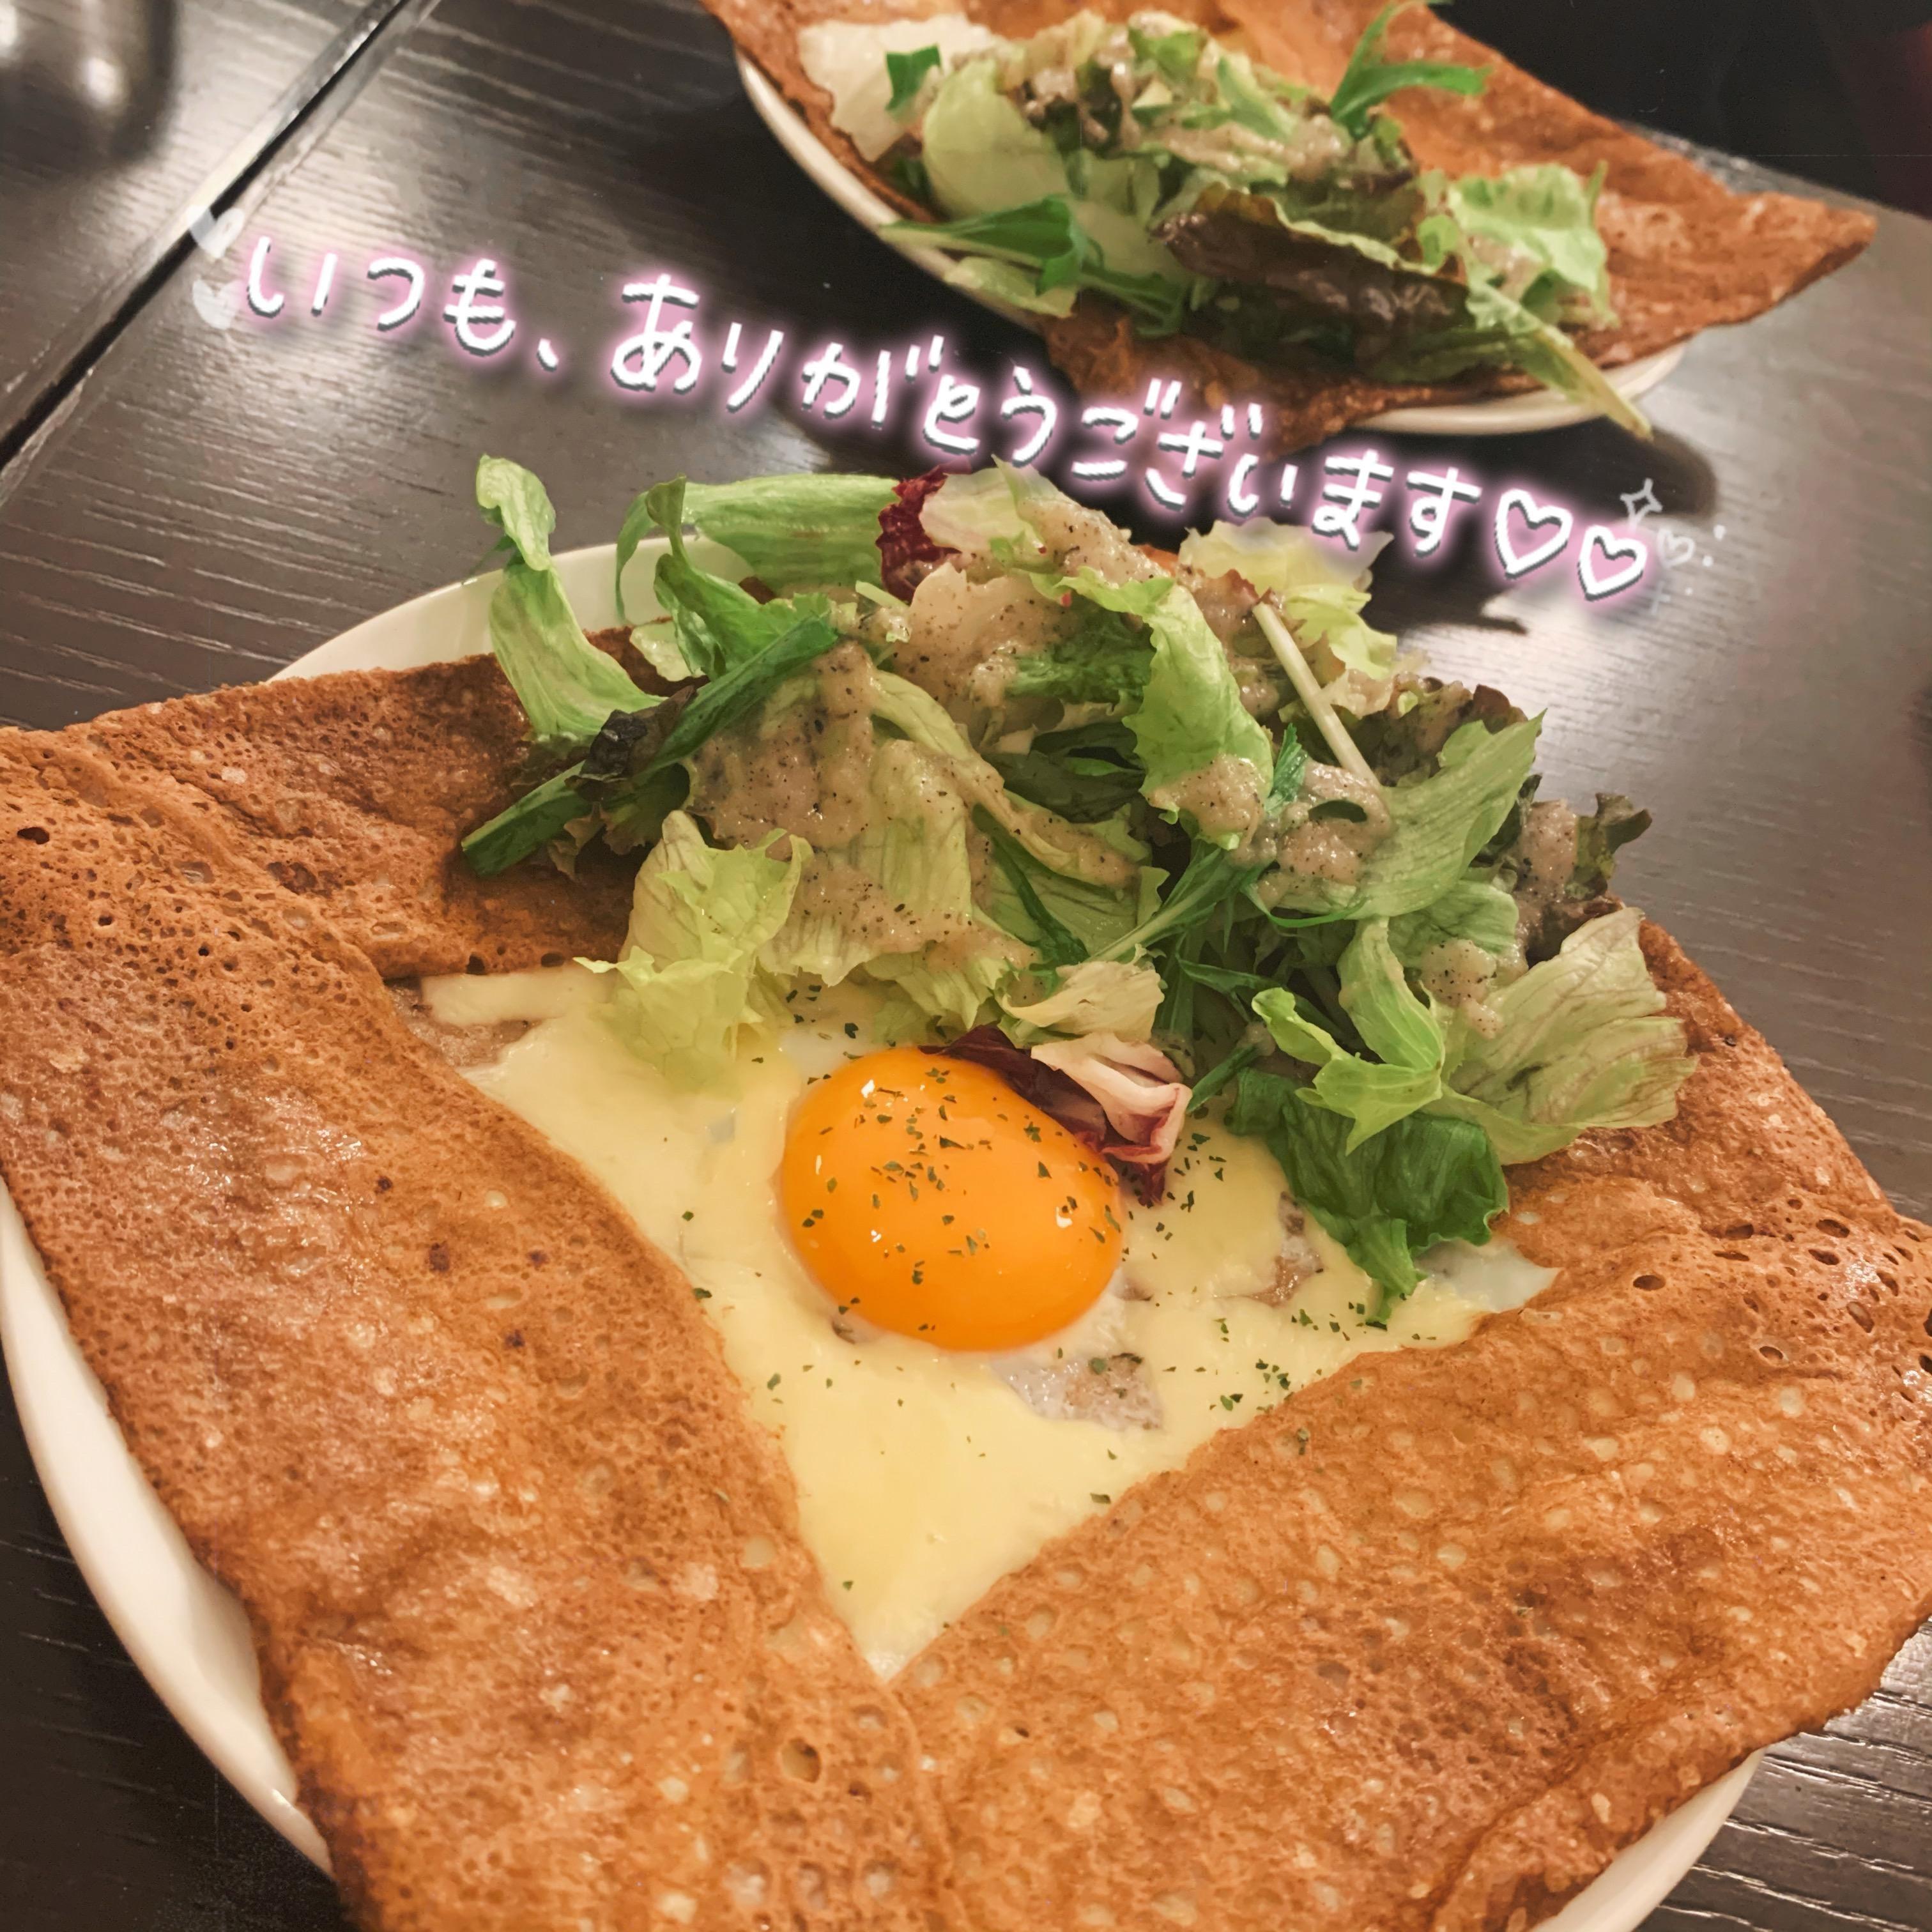 「デート♡」10/24(土) 23:43 | もかちゃんの写メ・風俗動画